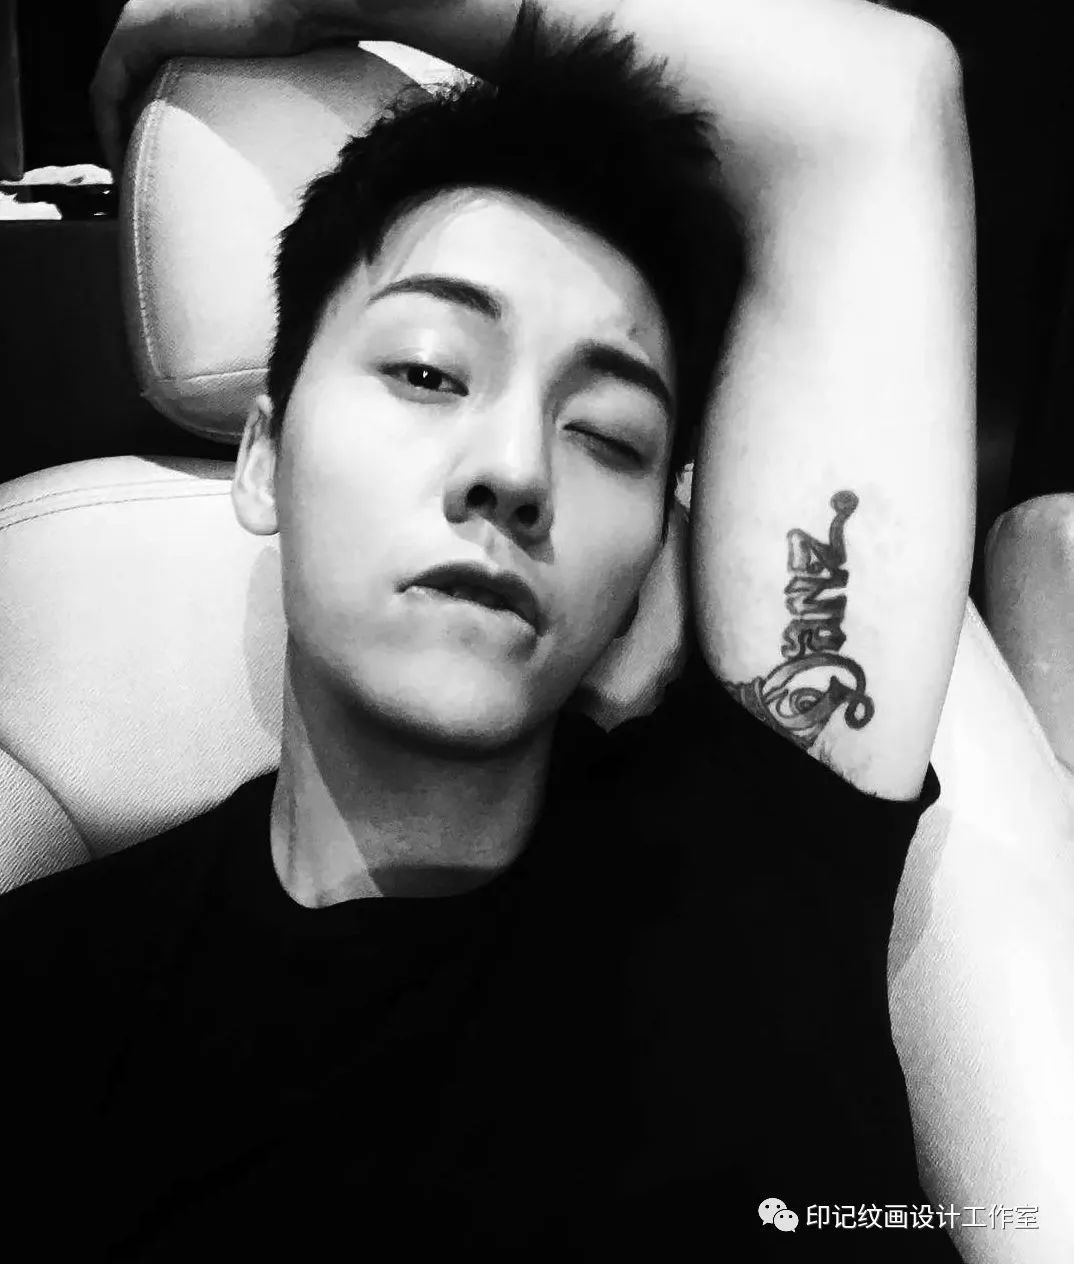 你们yy了陈伟霆的肉体那么久,知道他的纹身都是什么意义吗?图片